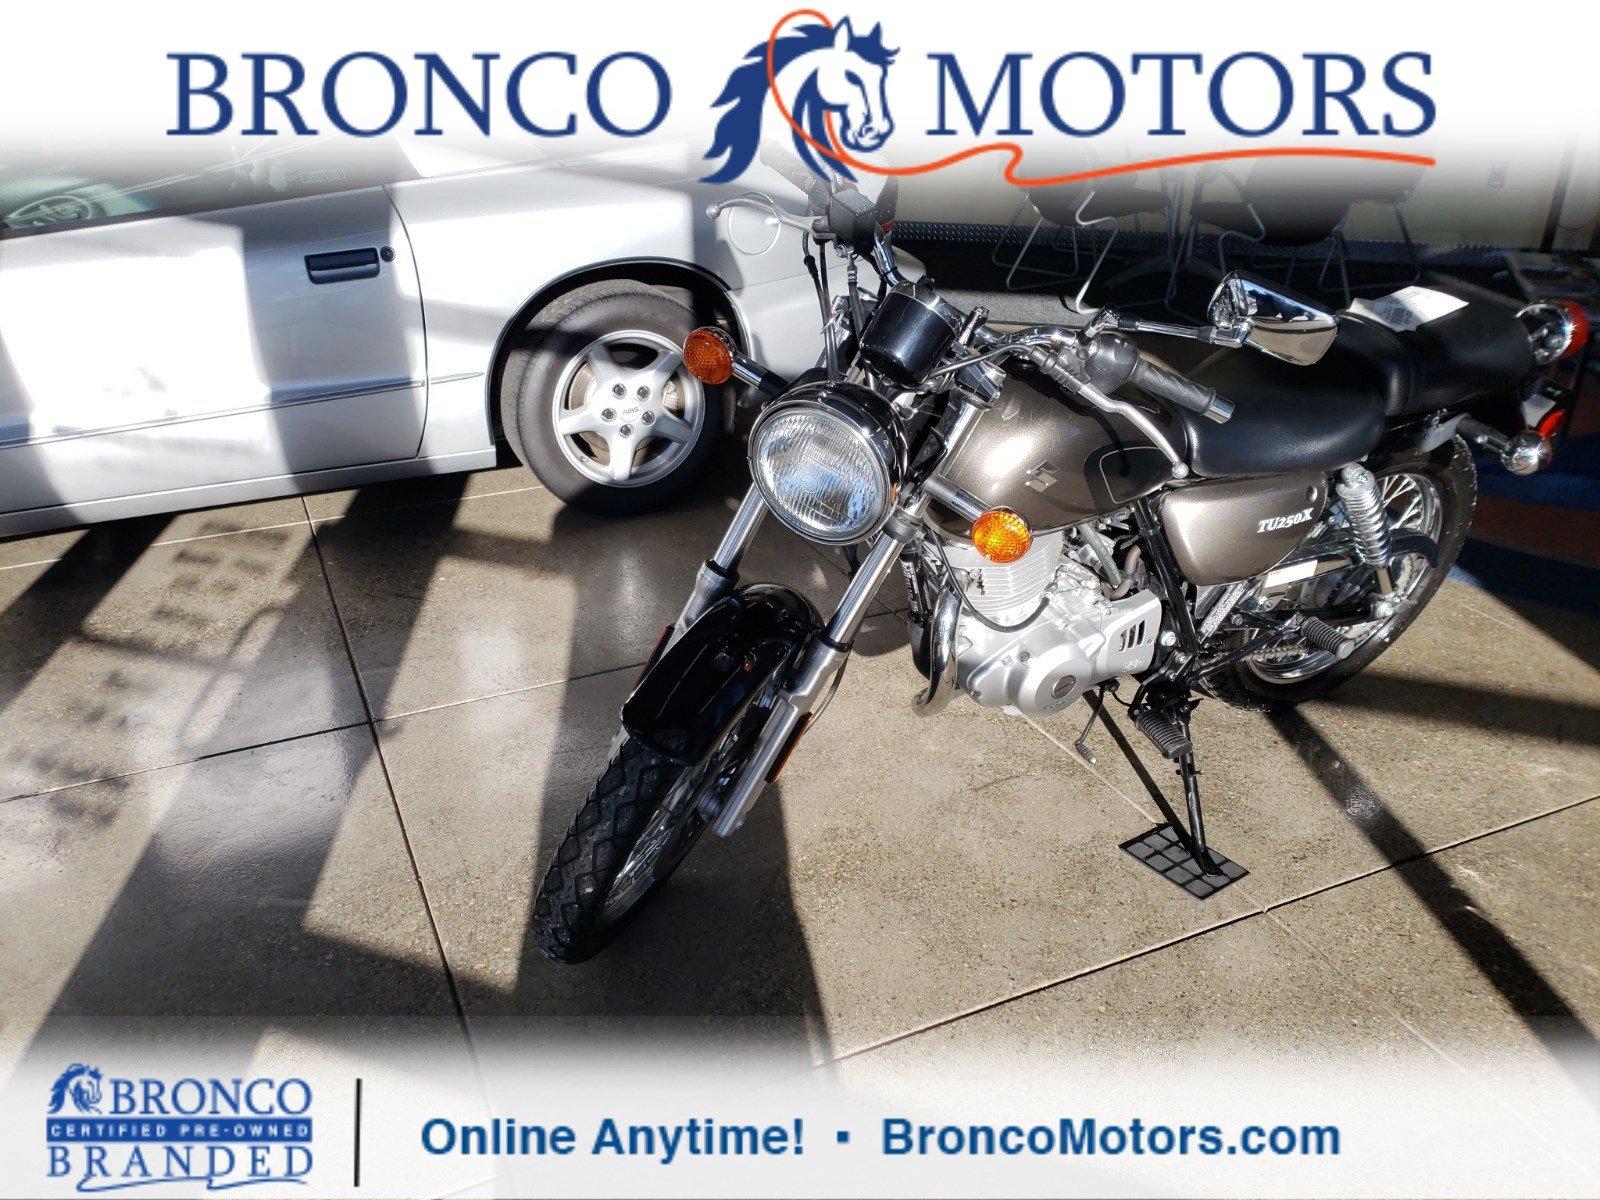 2012 Suzuki Motorcycle TU250